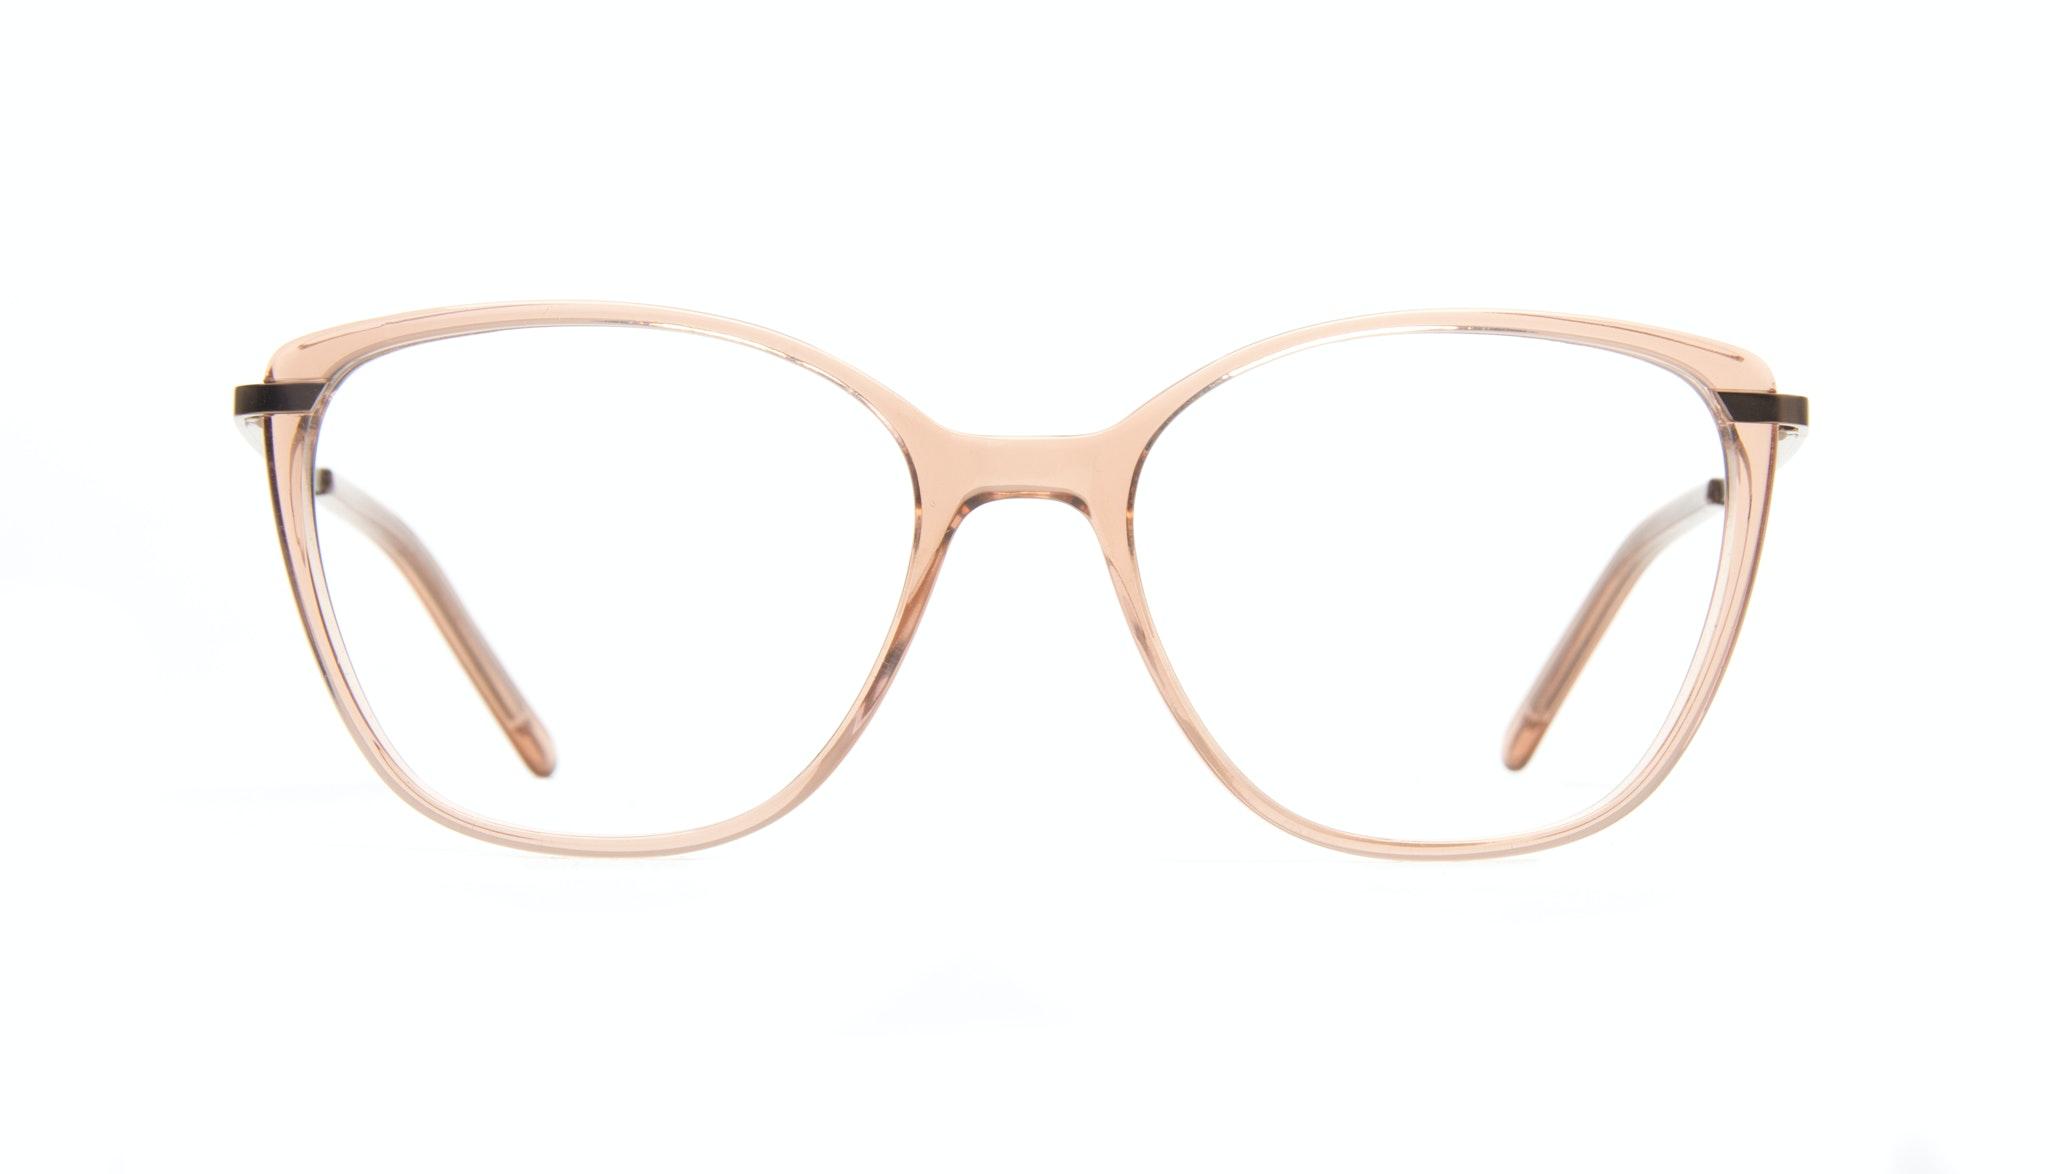 Affordable Fashion Glasses Cat Eye Round Eyeglasses Women Illusion Rose